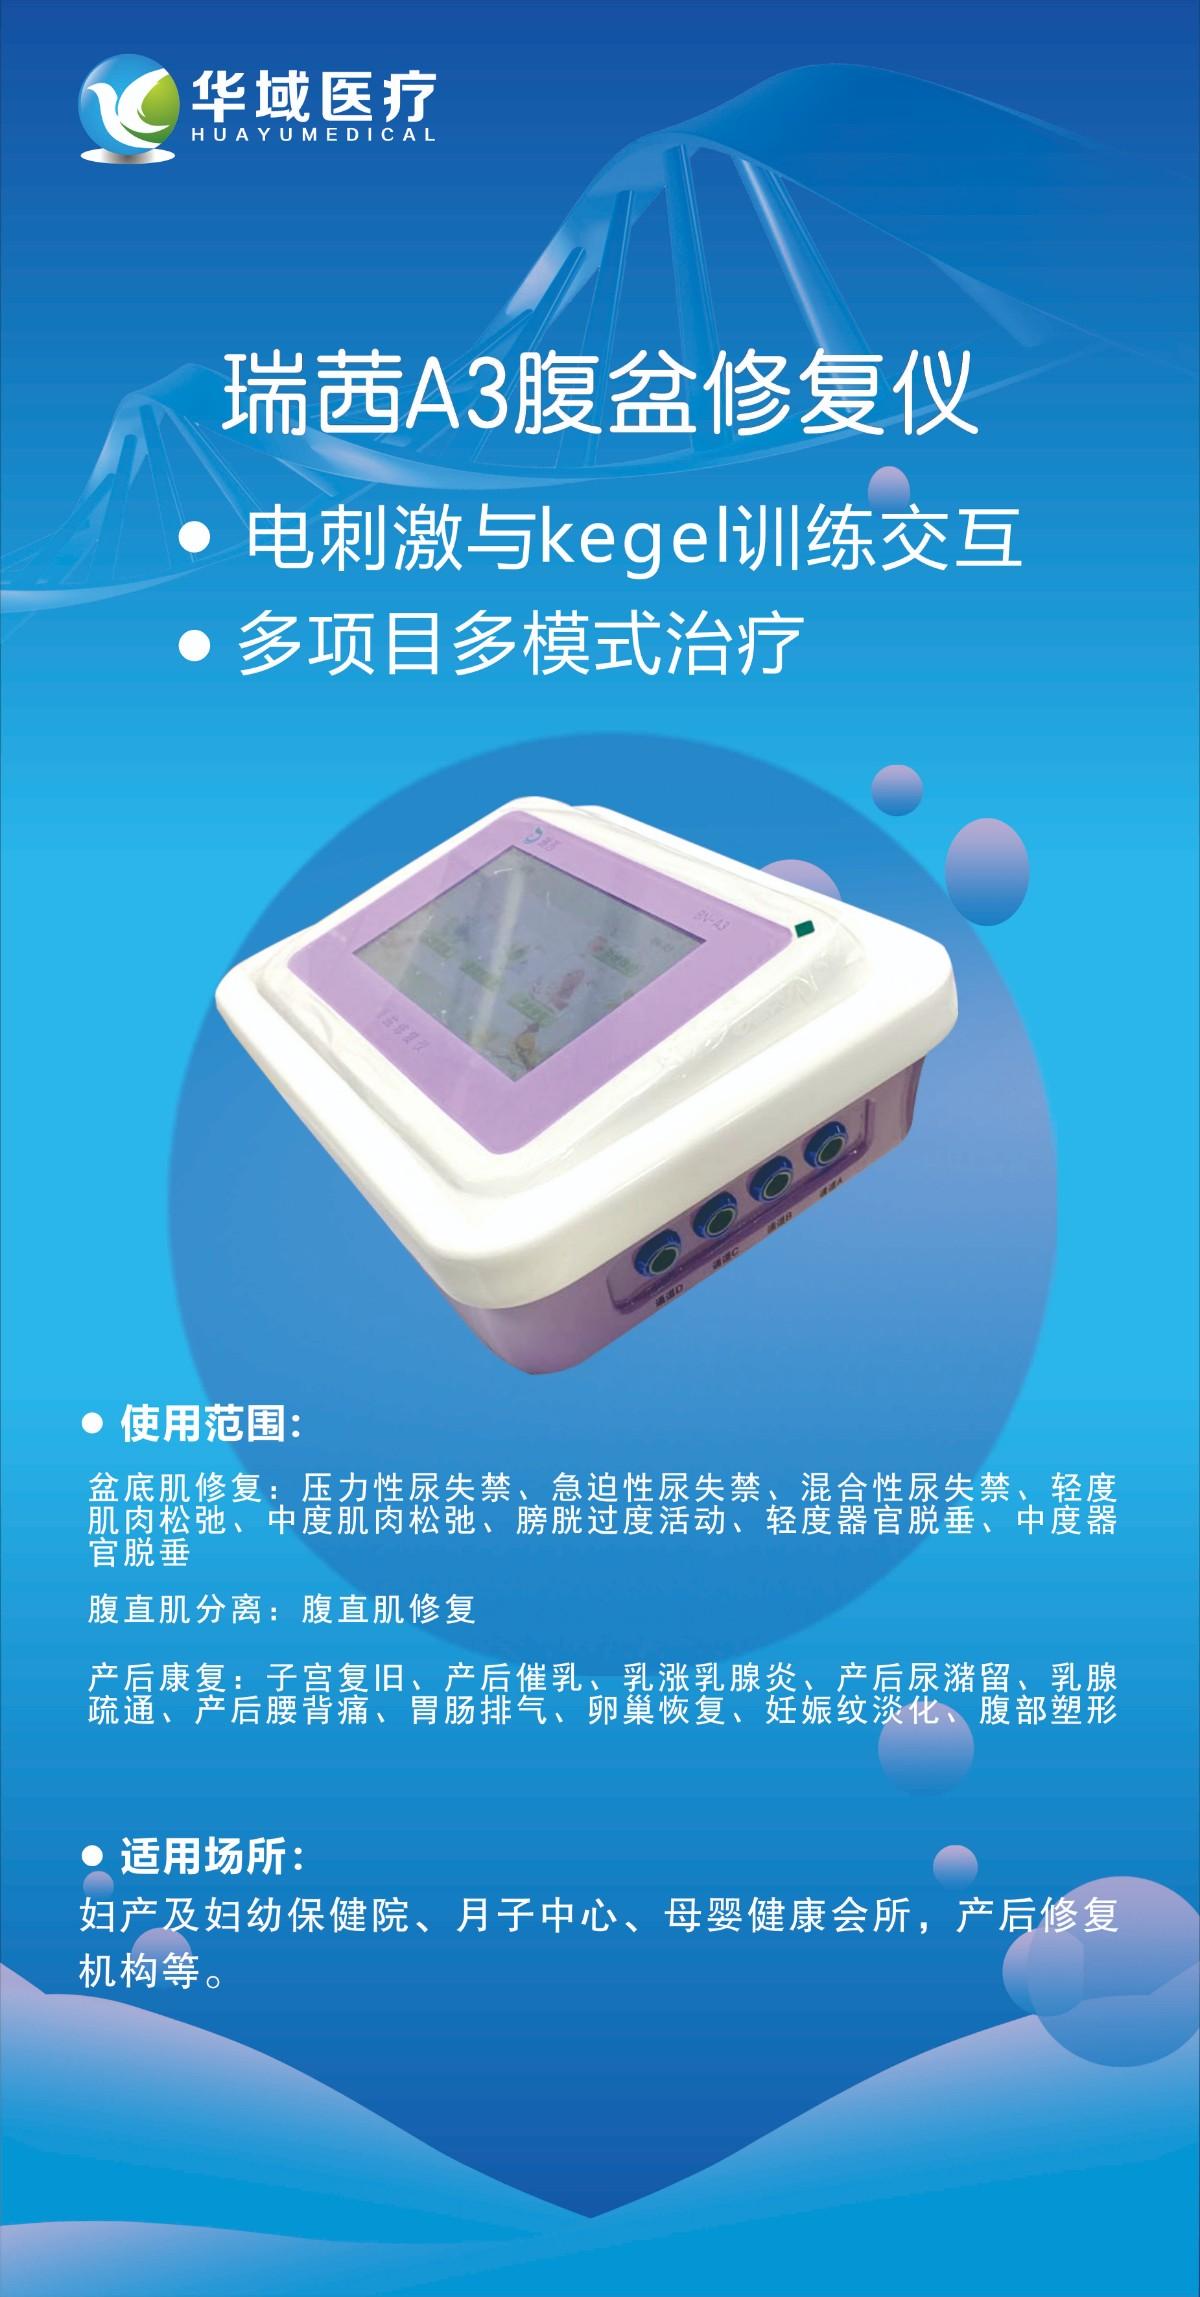 华域医疗仪海报系列--9.jpg